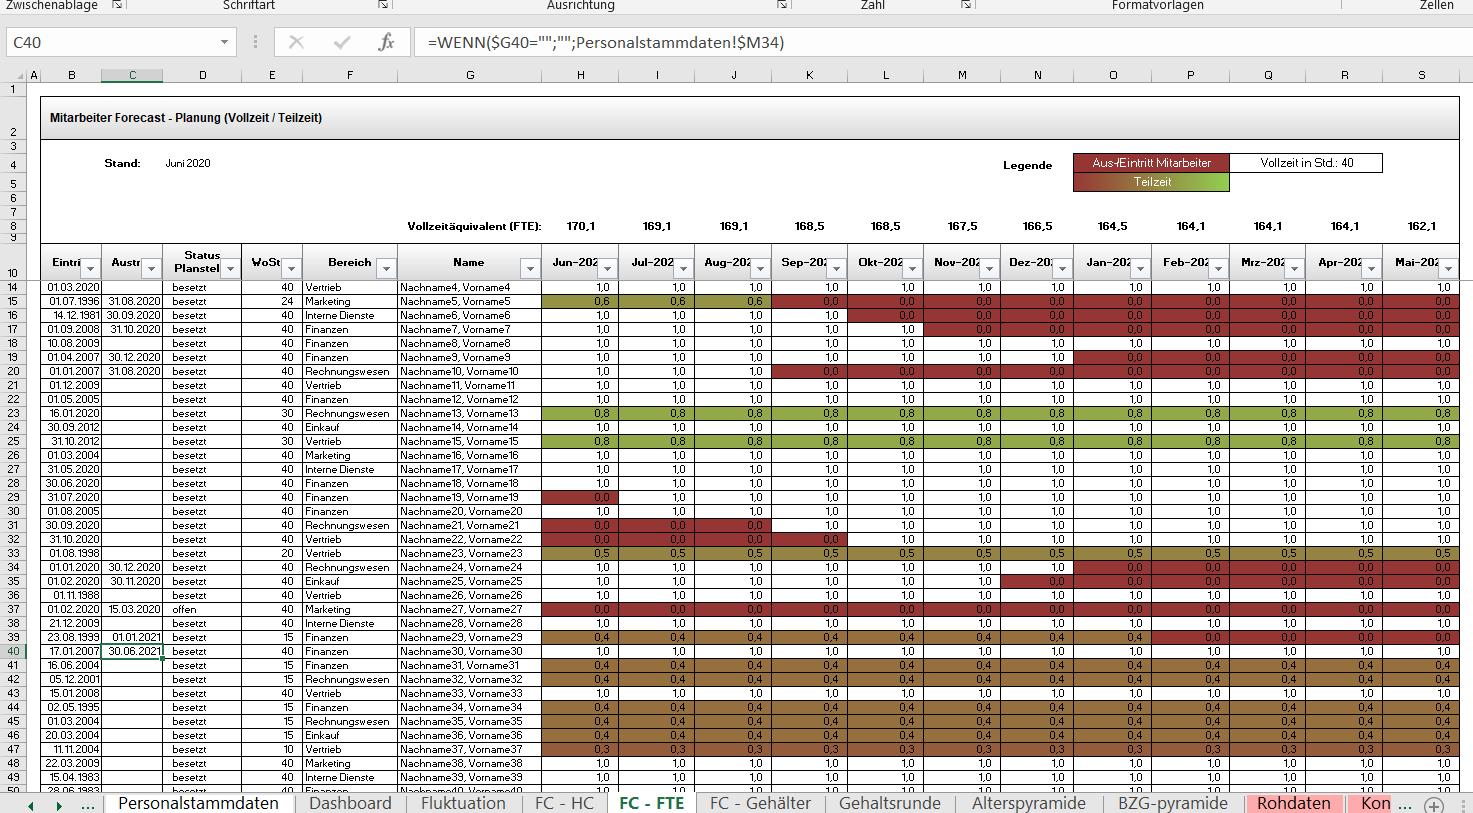 Excel Fte Hc Kurzarbeit Planung Planer Vorlagen Elternzeit